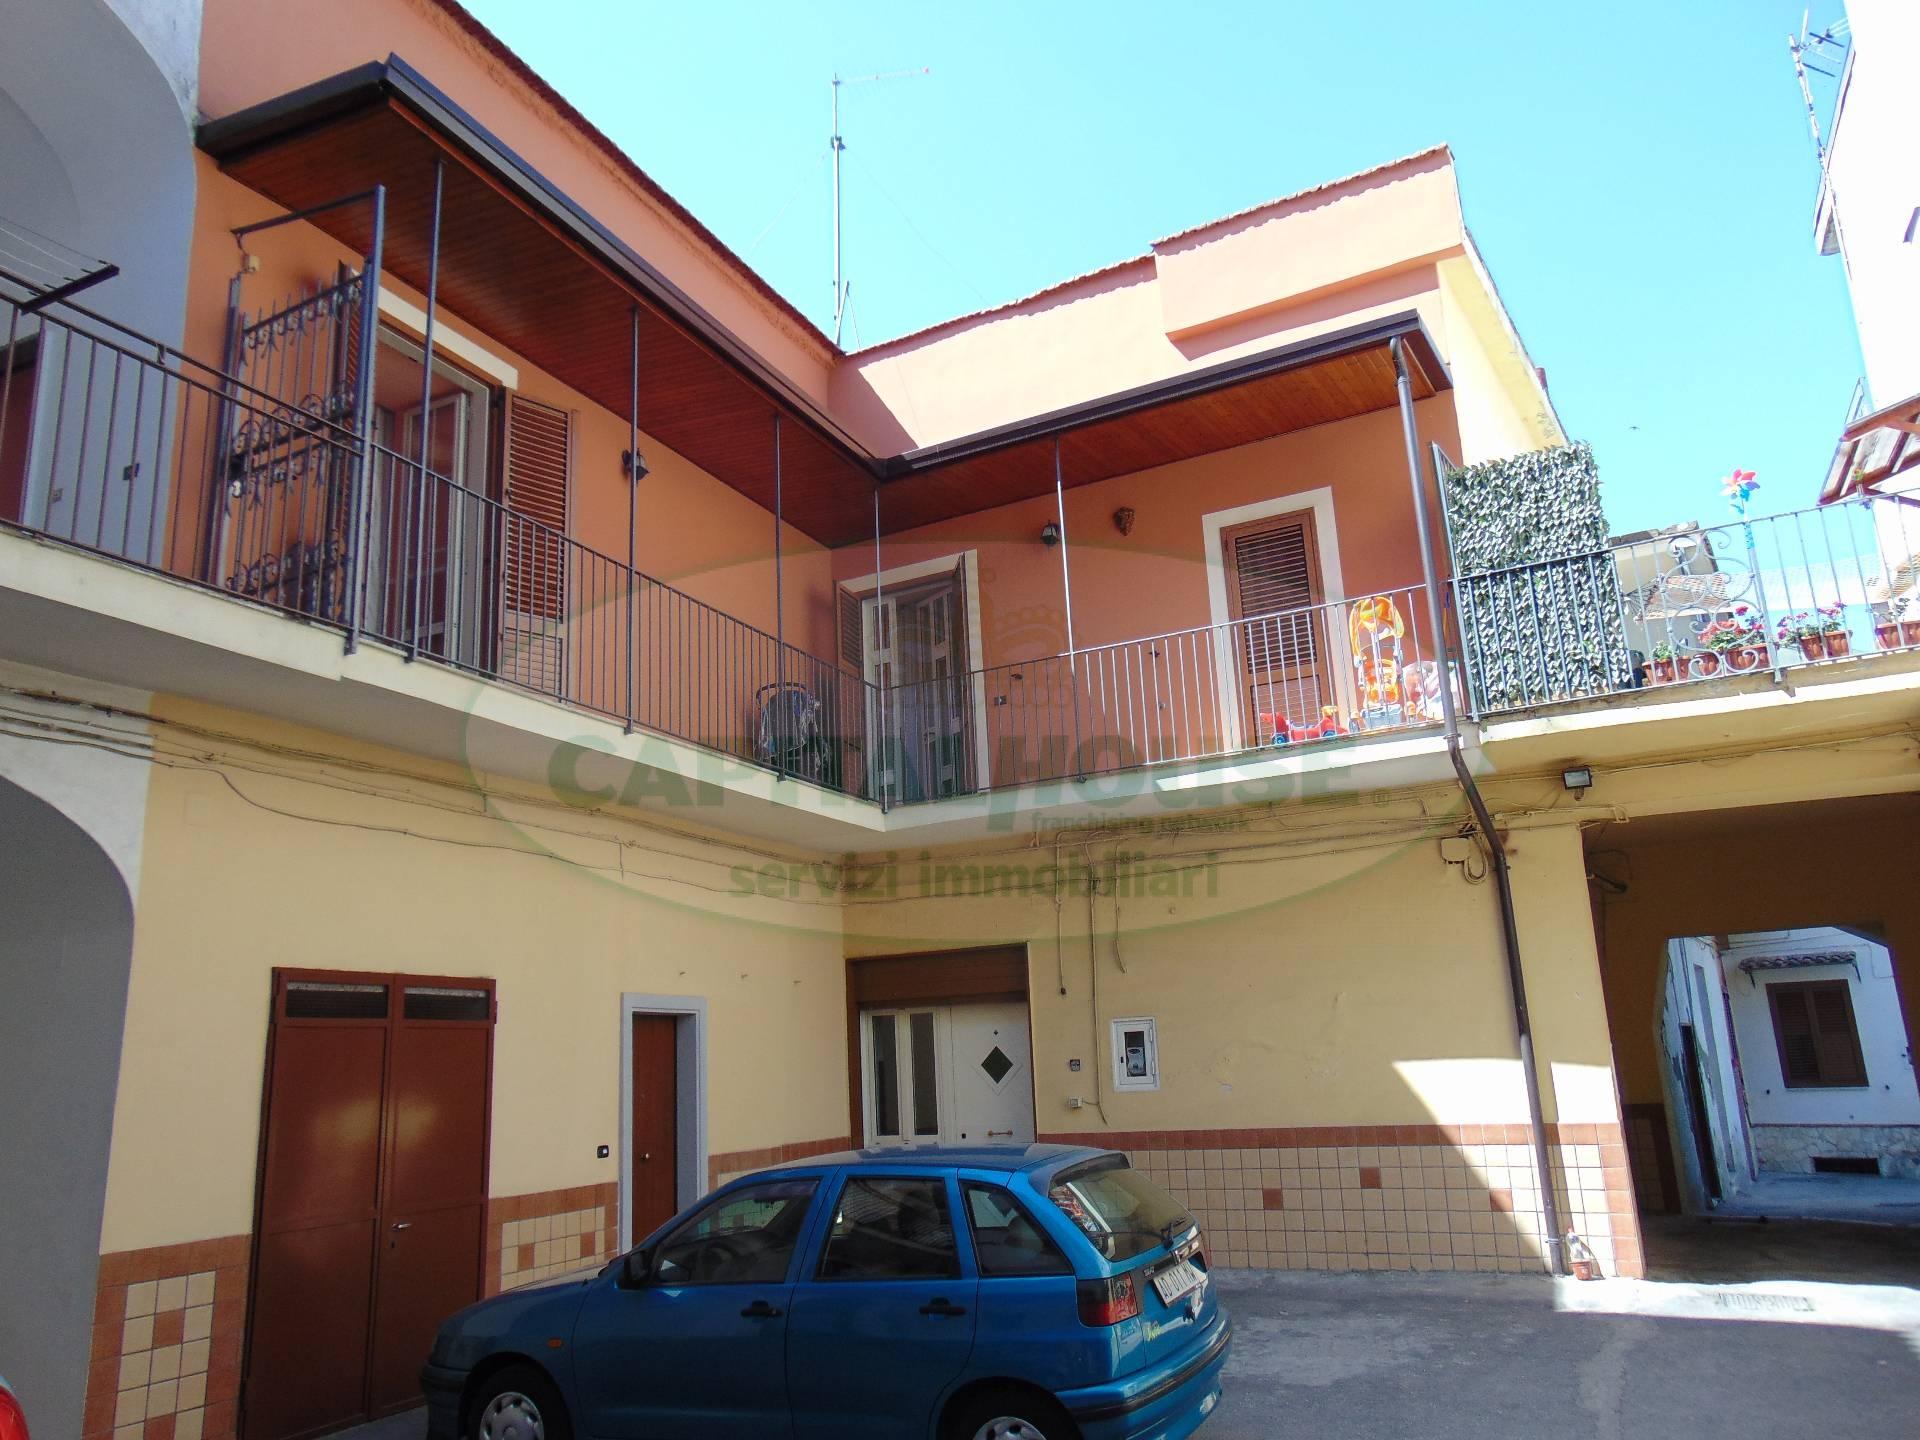 Appartamento in vendita a Mugnano del Cardinale, 4 locali, prezzo € 85.000 | CambioCasa.it